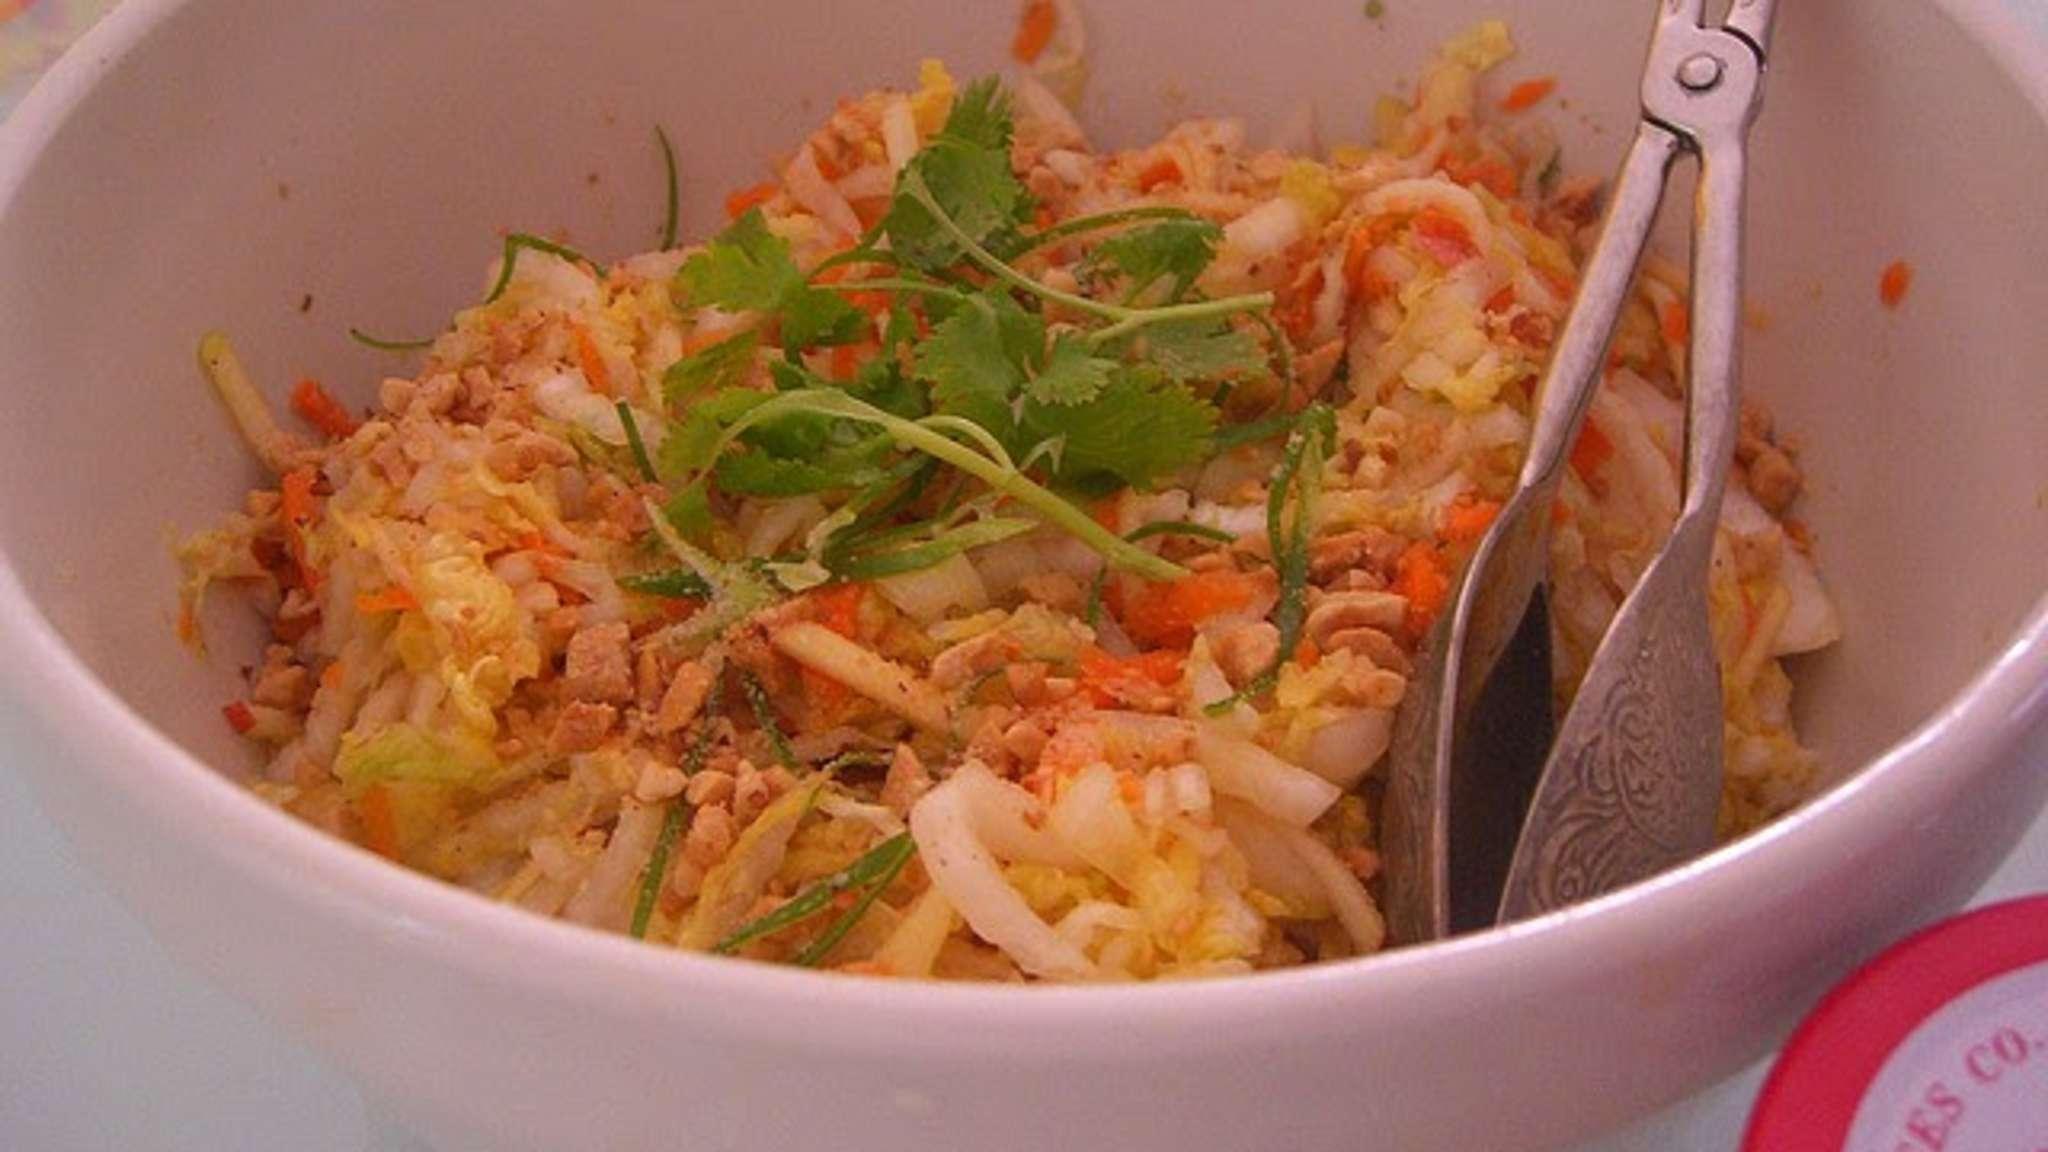 Salade au chou, fenouil, carottes râpés, sauce mayonnaise légère